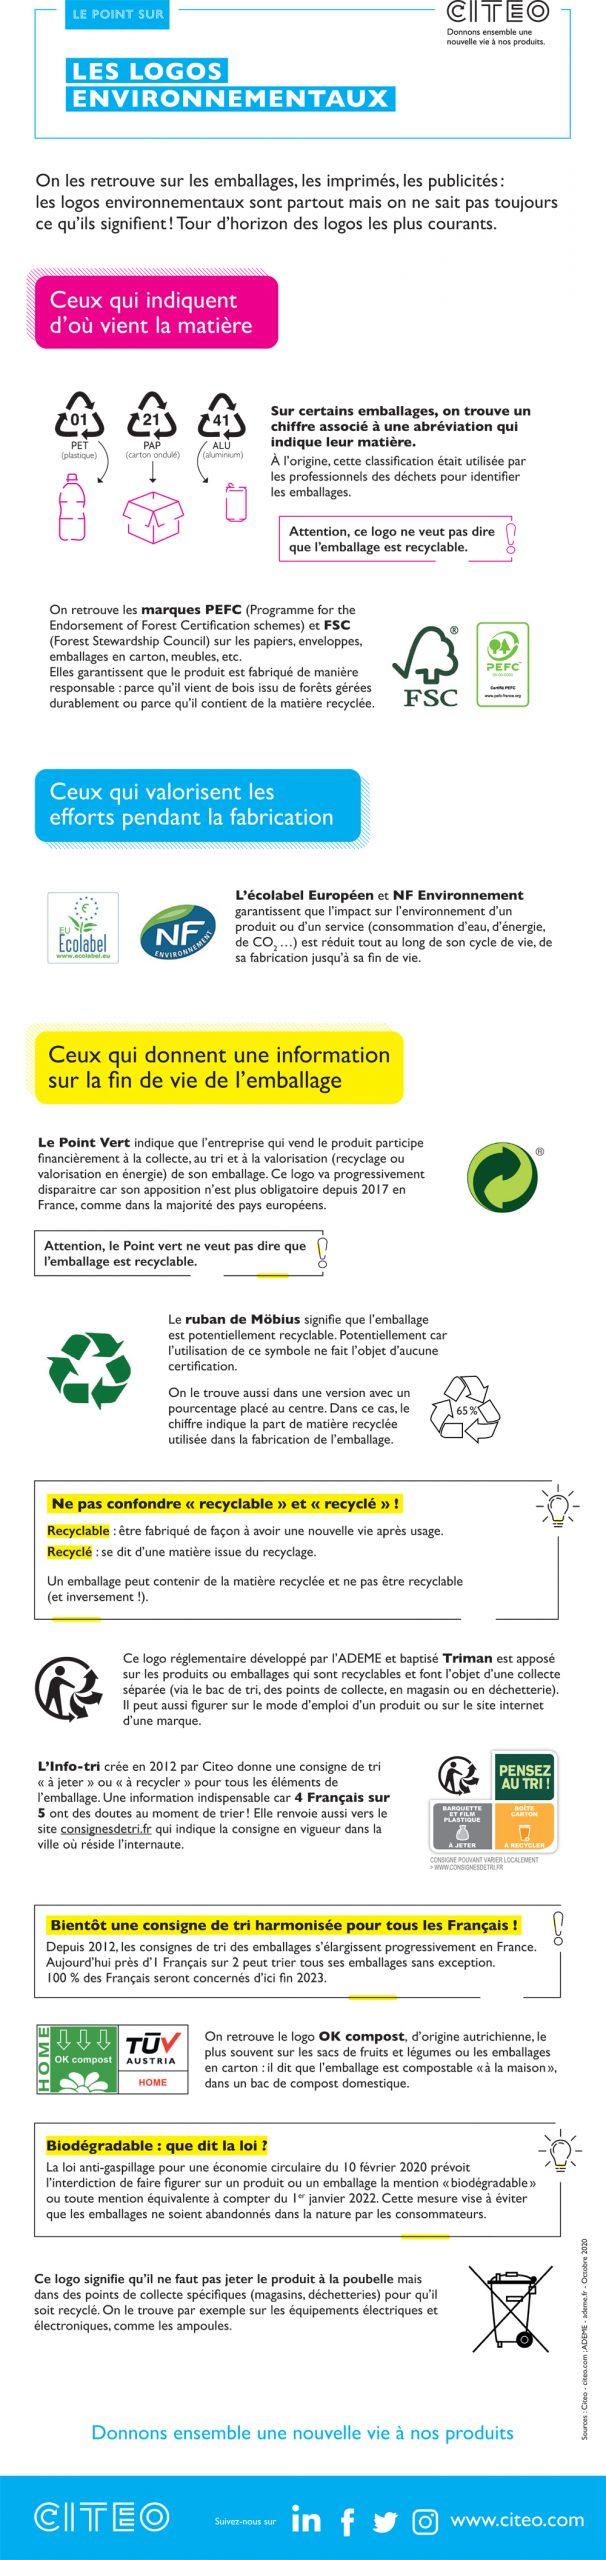 infographie citeo scaled - Tour d'horizon des logos environnementaux présents sur les emballages